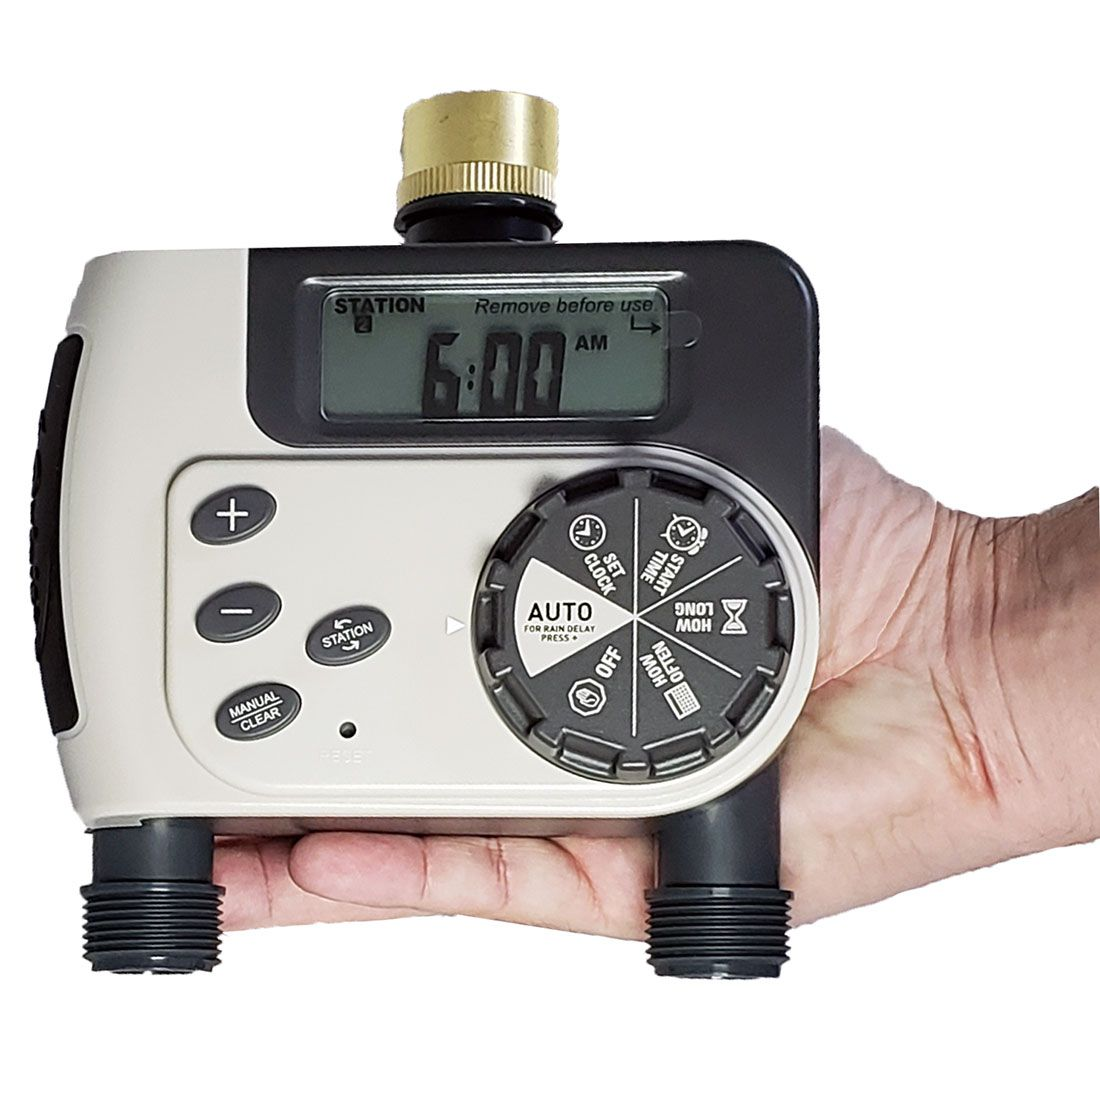 Temporizador Digital para Torneira com 2 Saídas - Orbit